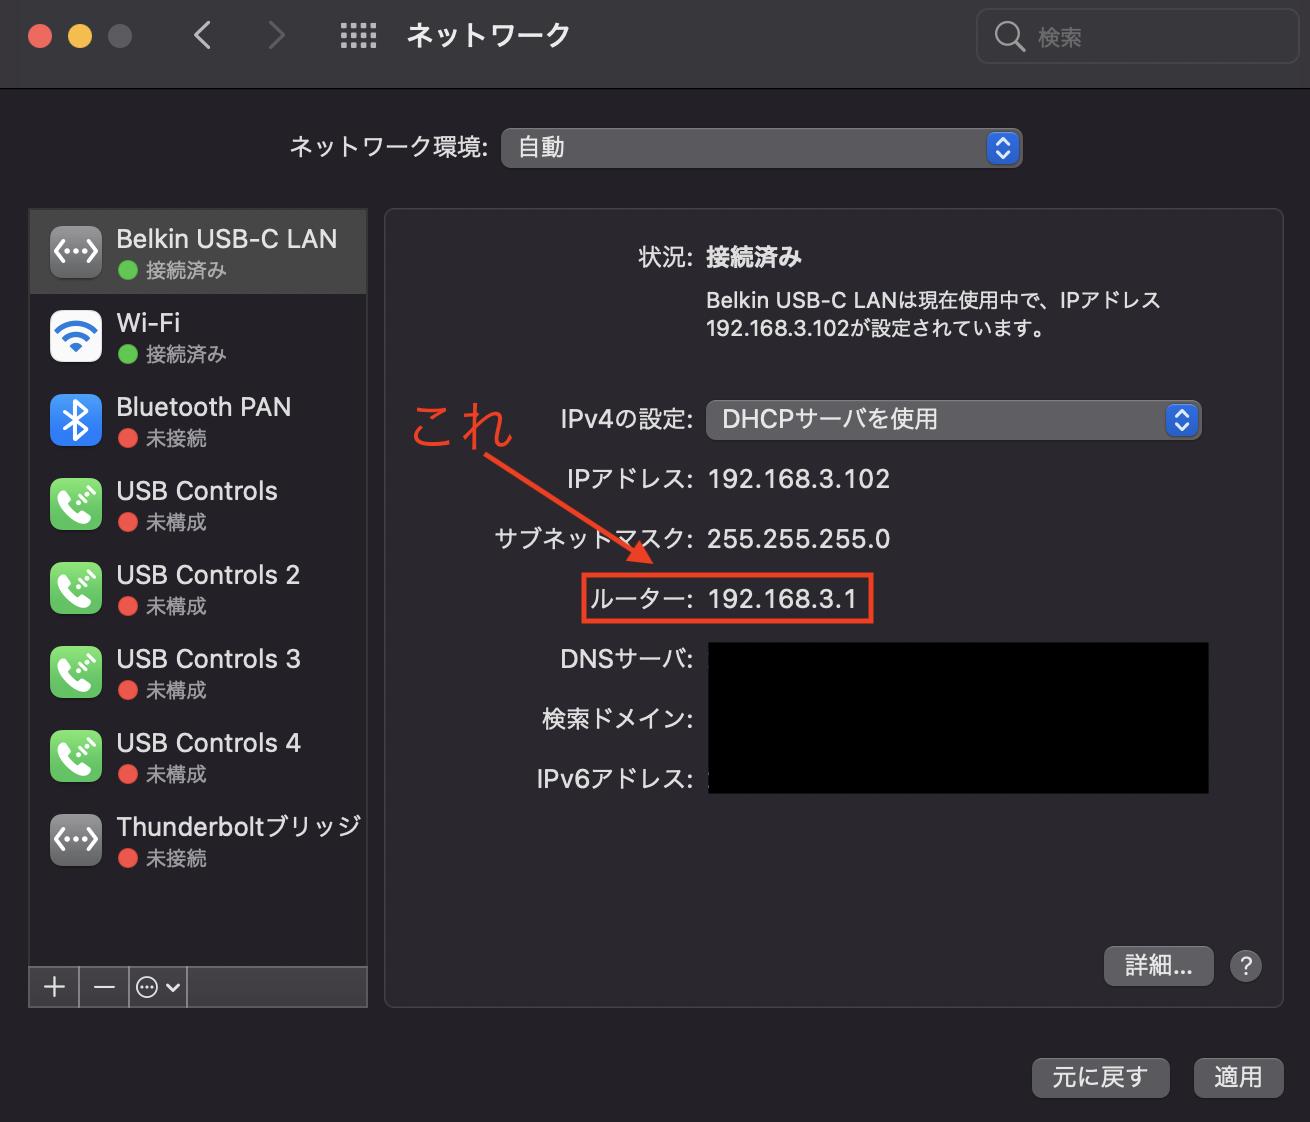 スクリーンショット 2020-12-24 17.33.46のコピー.png